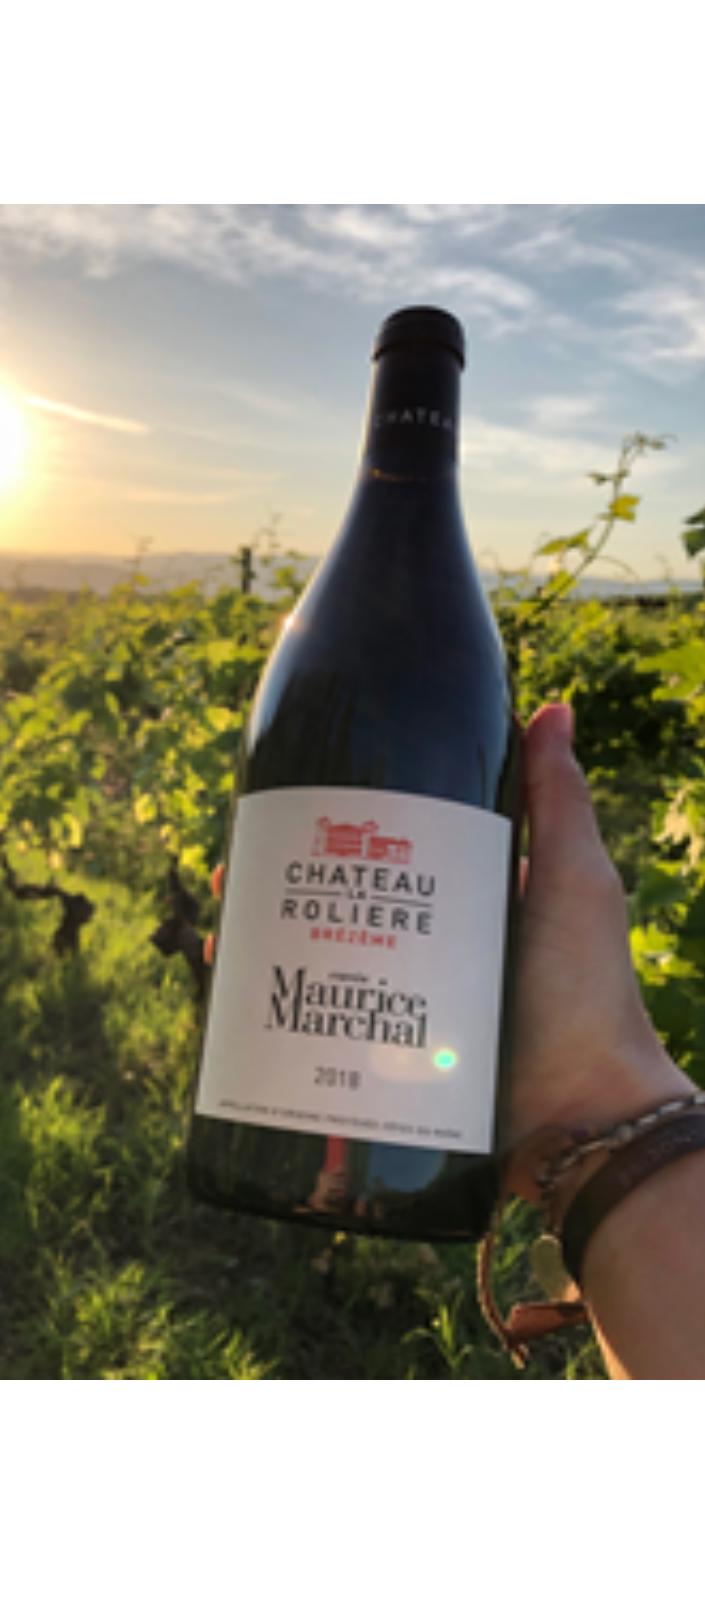 Château La Rolière Rouge « Maurice Marchal » 2018